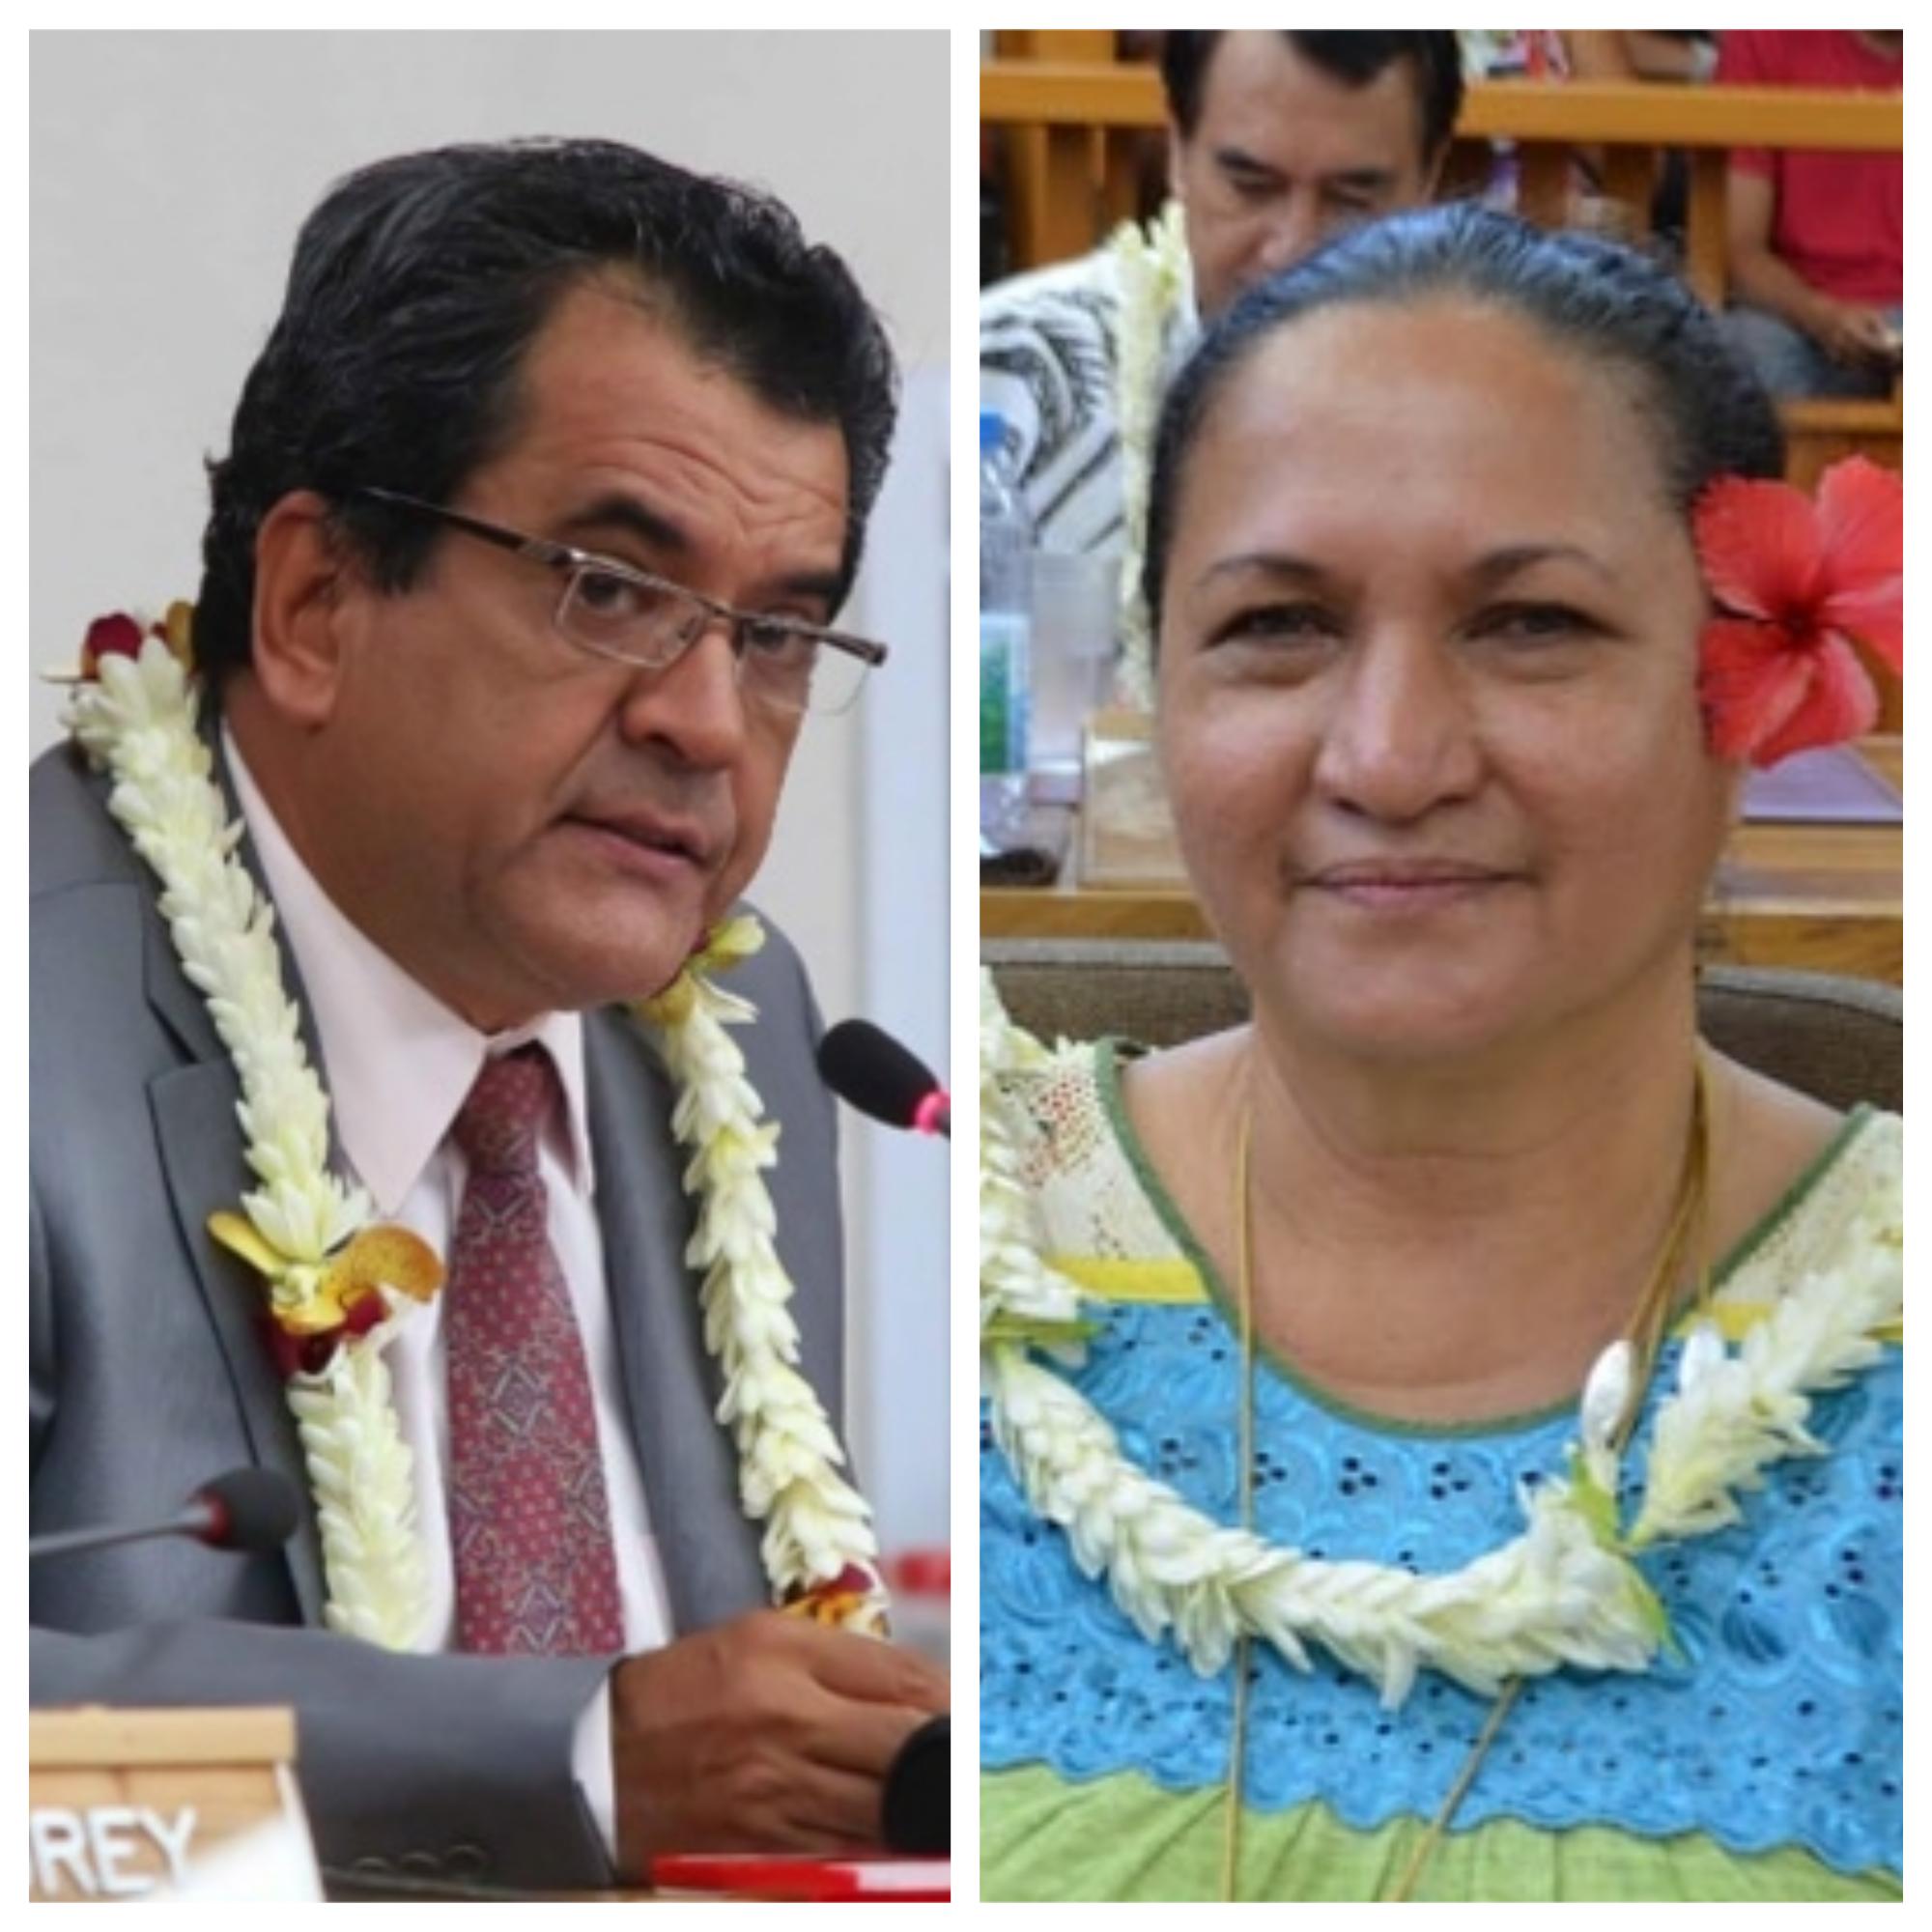 Edouard Fritch a répondu par courrier à une question posée par l'élue Tavini Eliane Tevahitua.